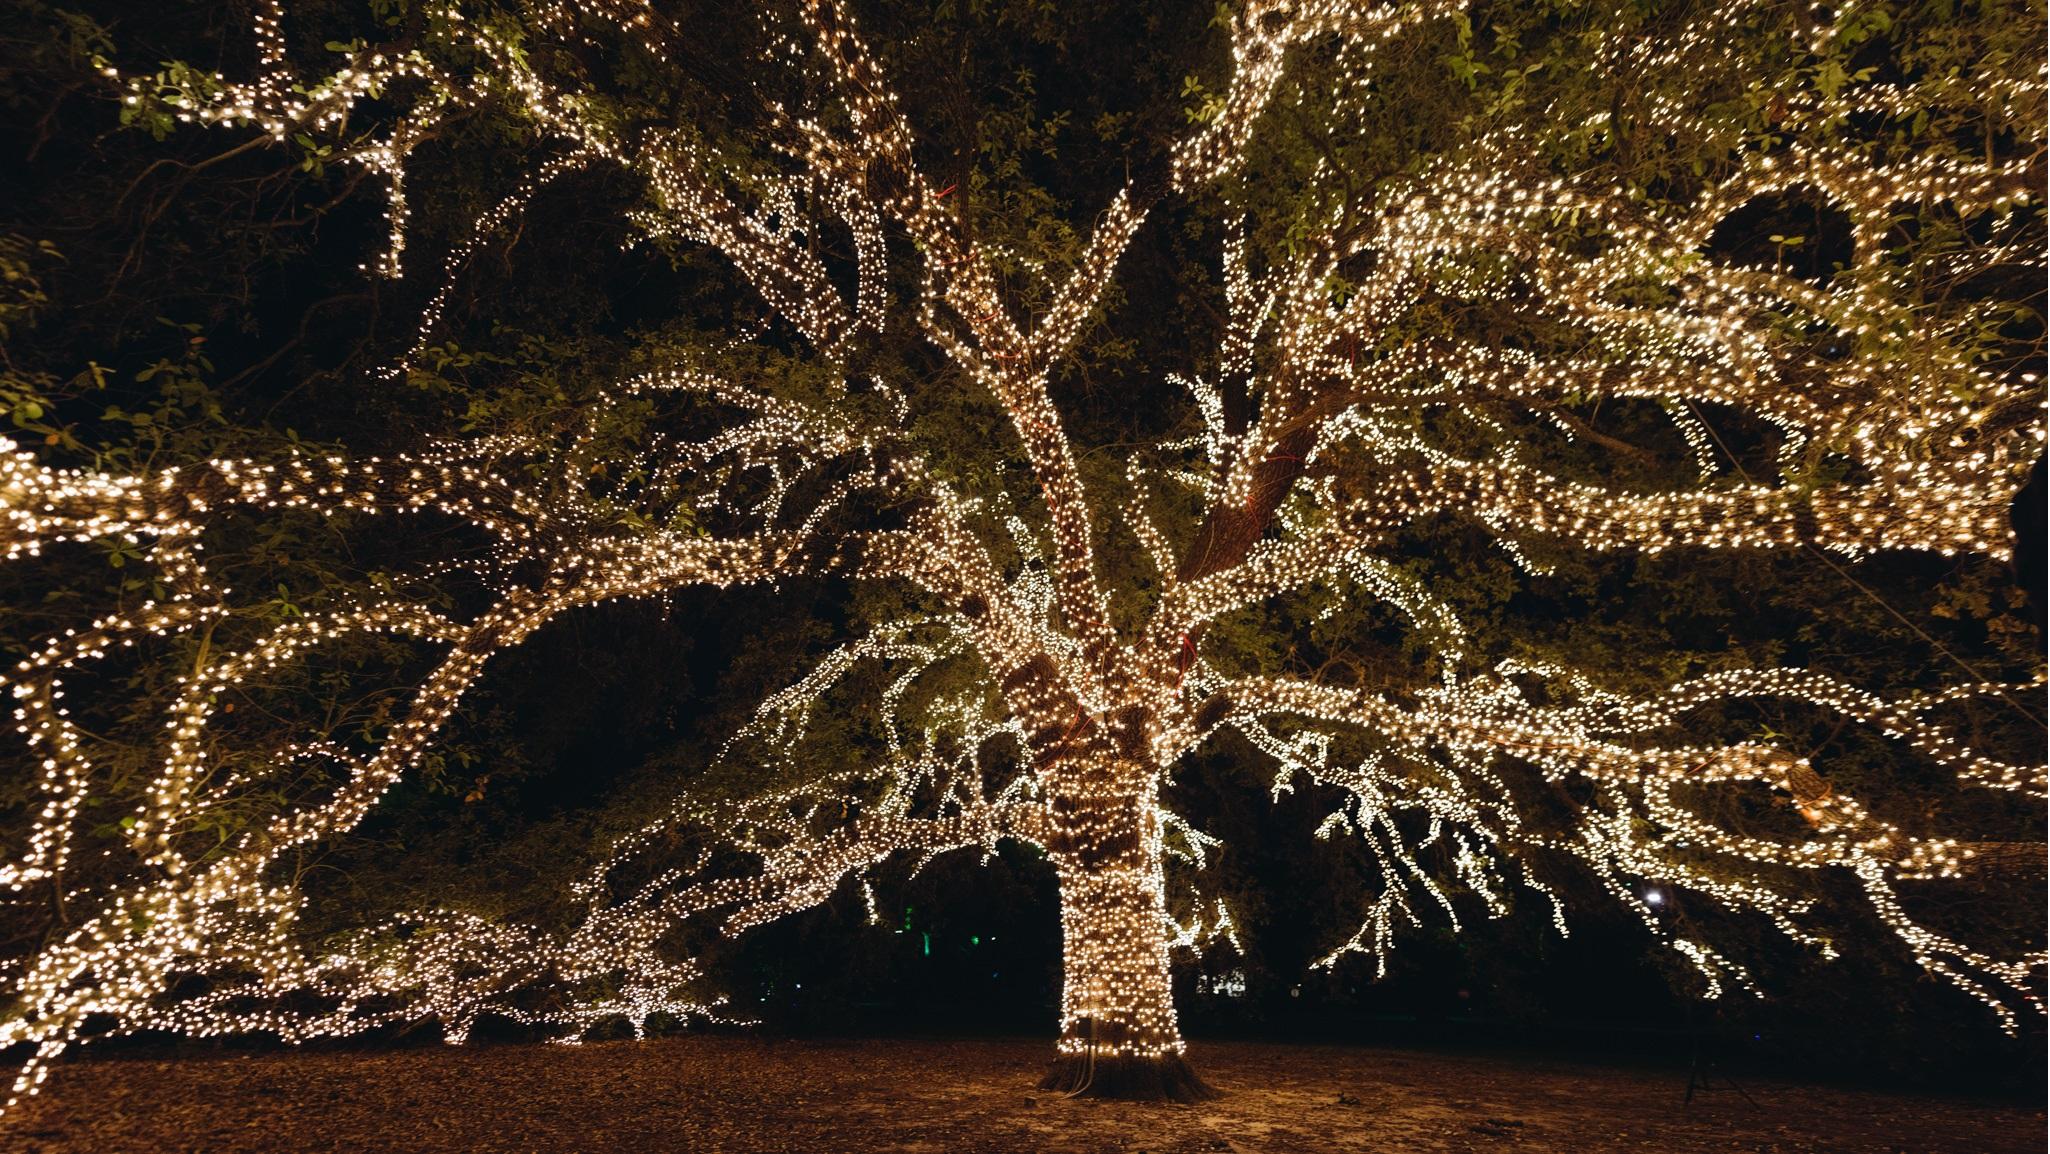 Holiday Home Christmas Lights